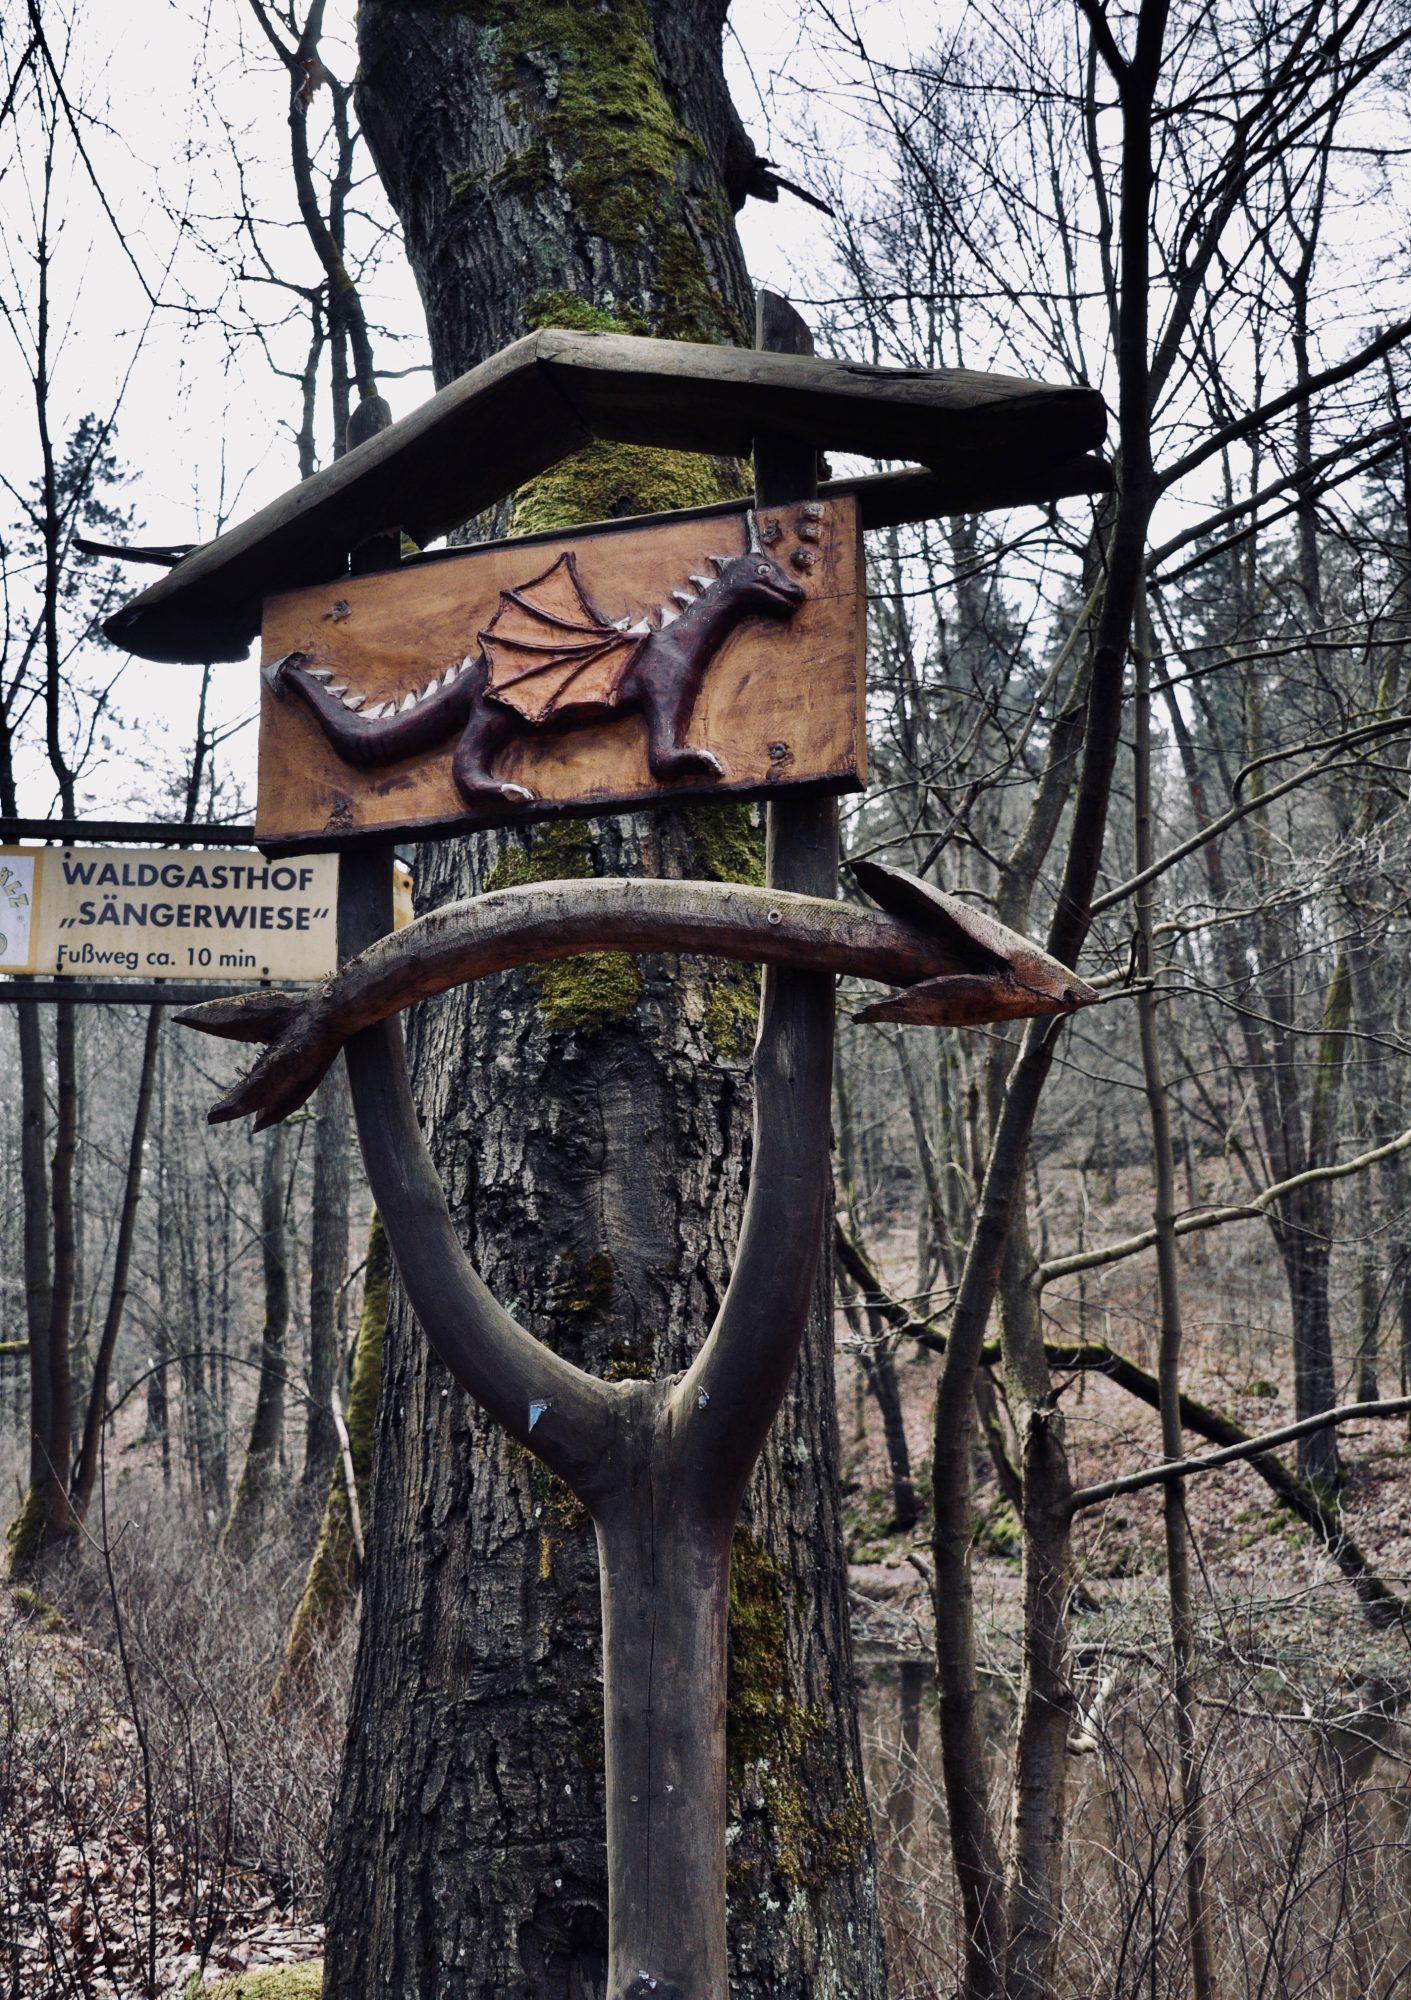 Drachenschlucht bei Eisenach, Thüringen, Deutschland, Lieblingstour, Fjella, Wanderroute, Wanderung